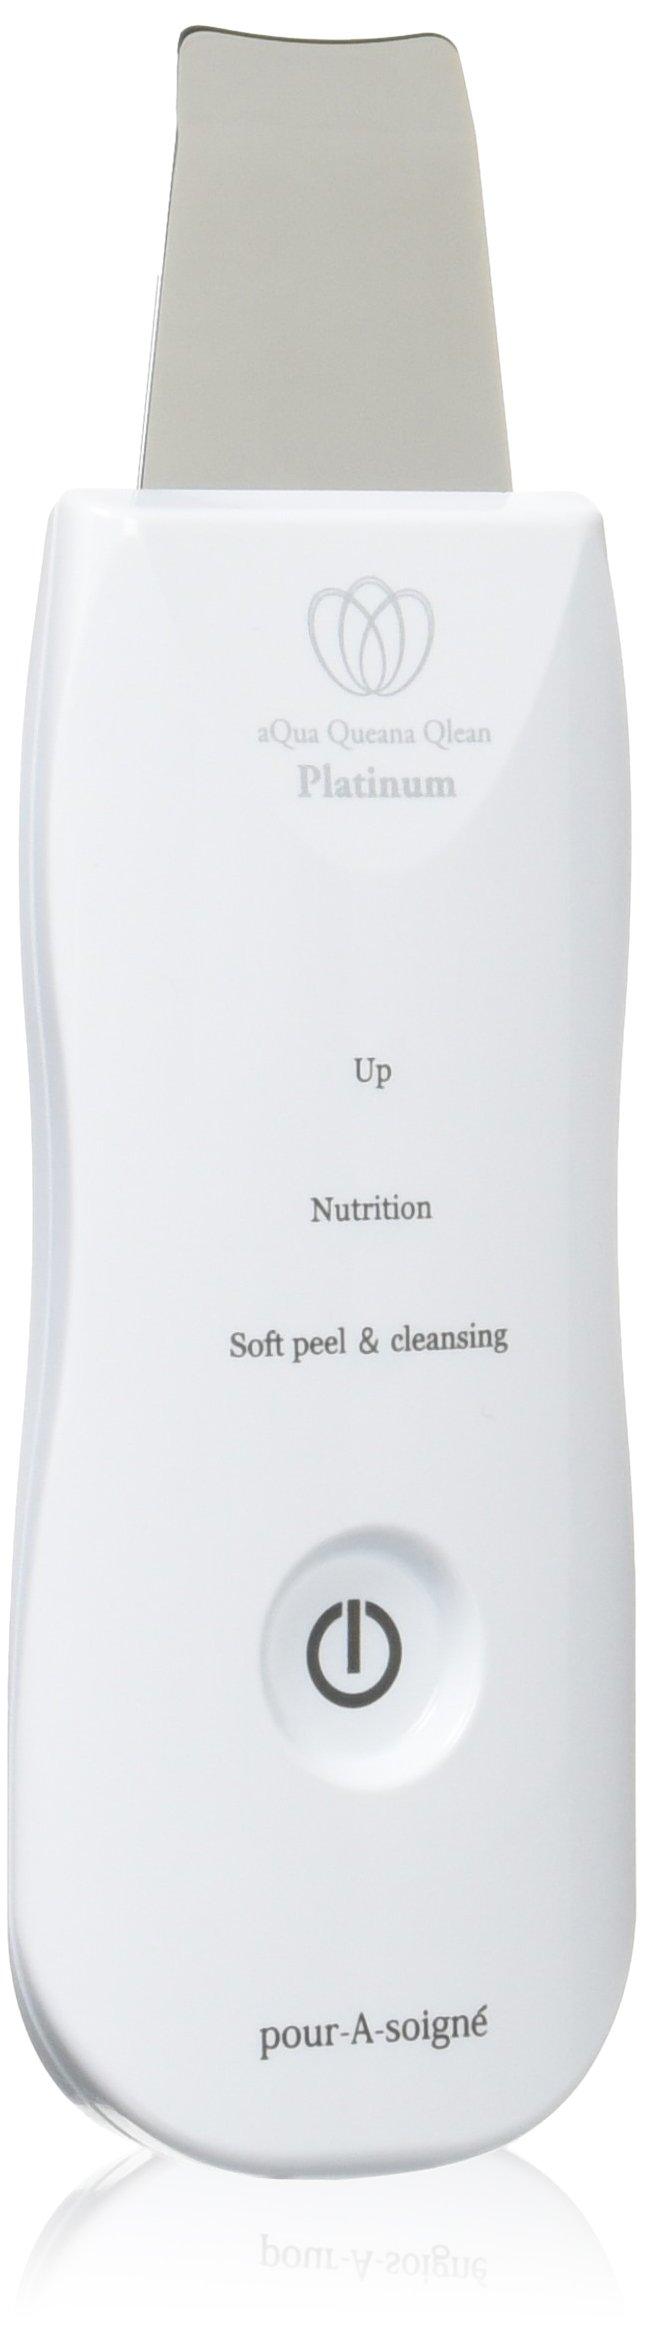 Plasonon aqua pores Clean Platinum S